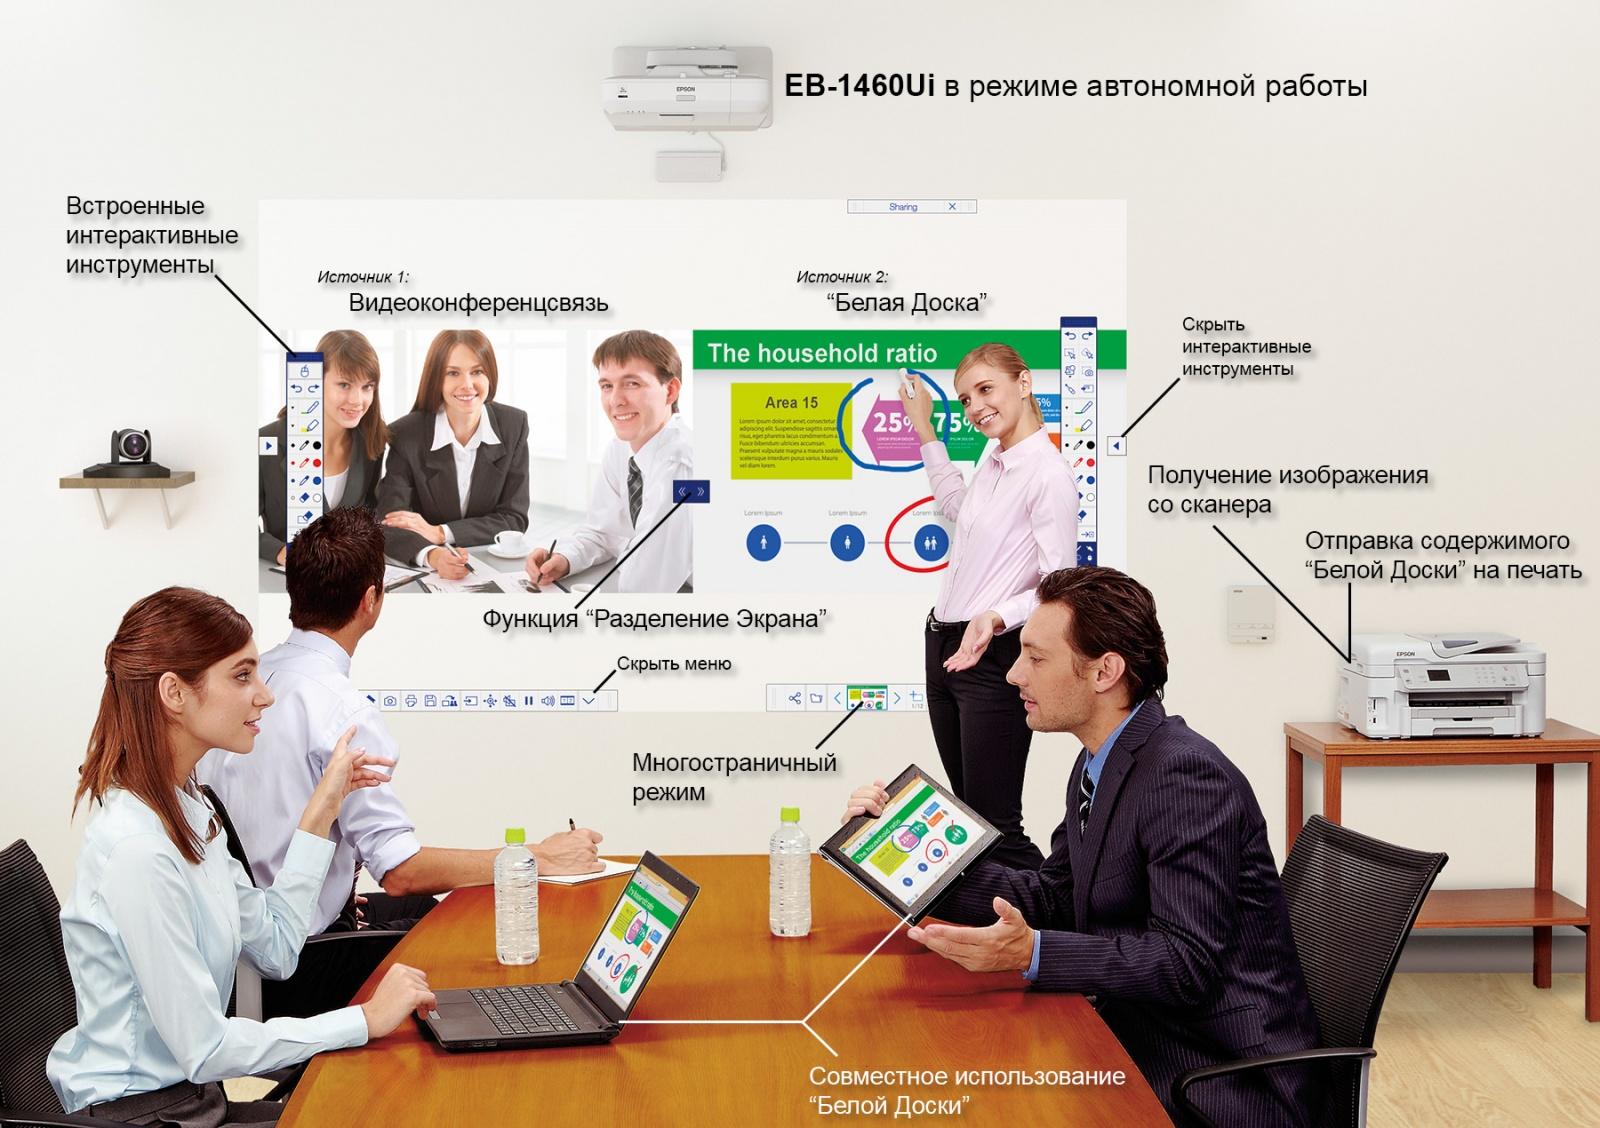 Интерактивному проектору – интерактивный софт! Часть первая: встроенное ПО и основные возможности - 5